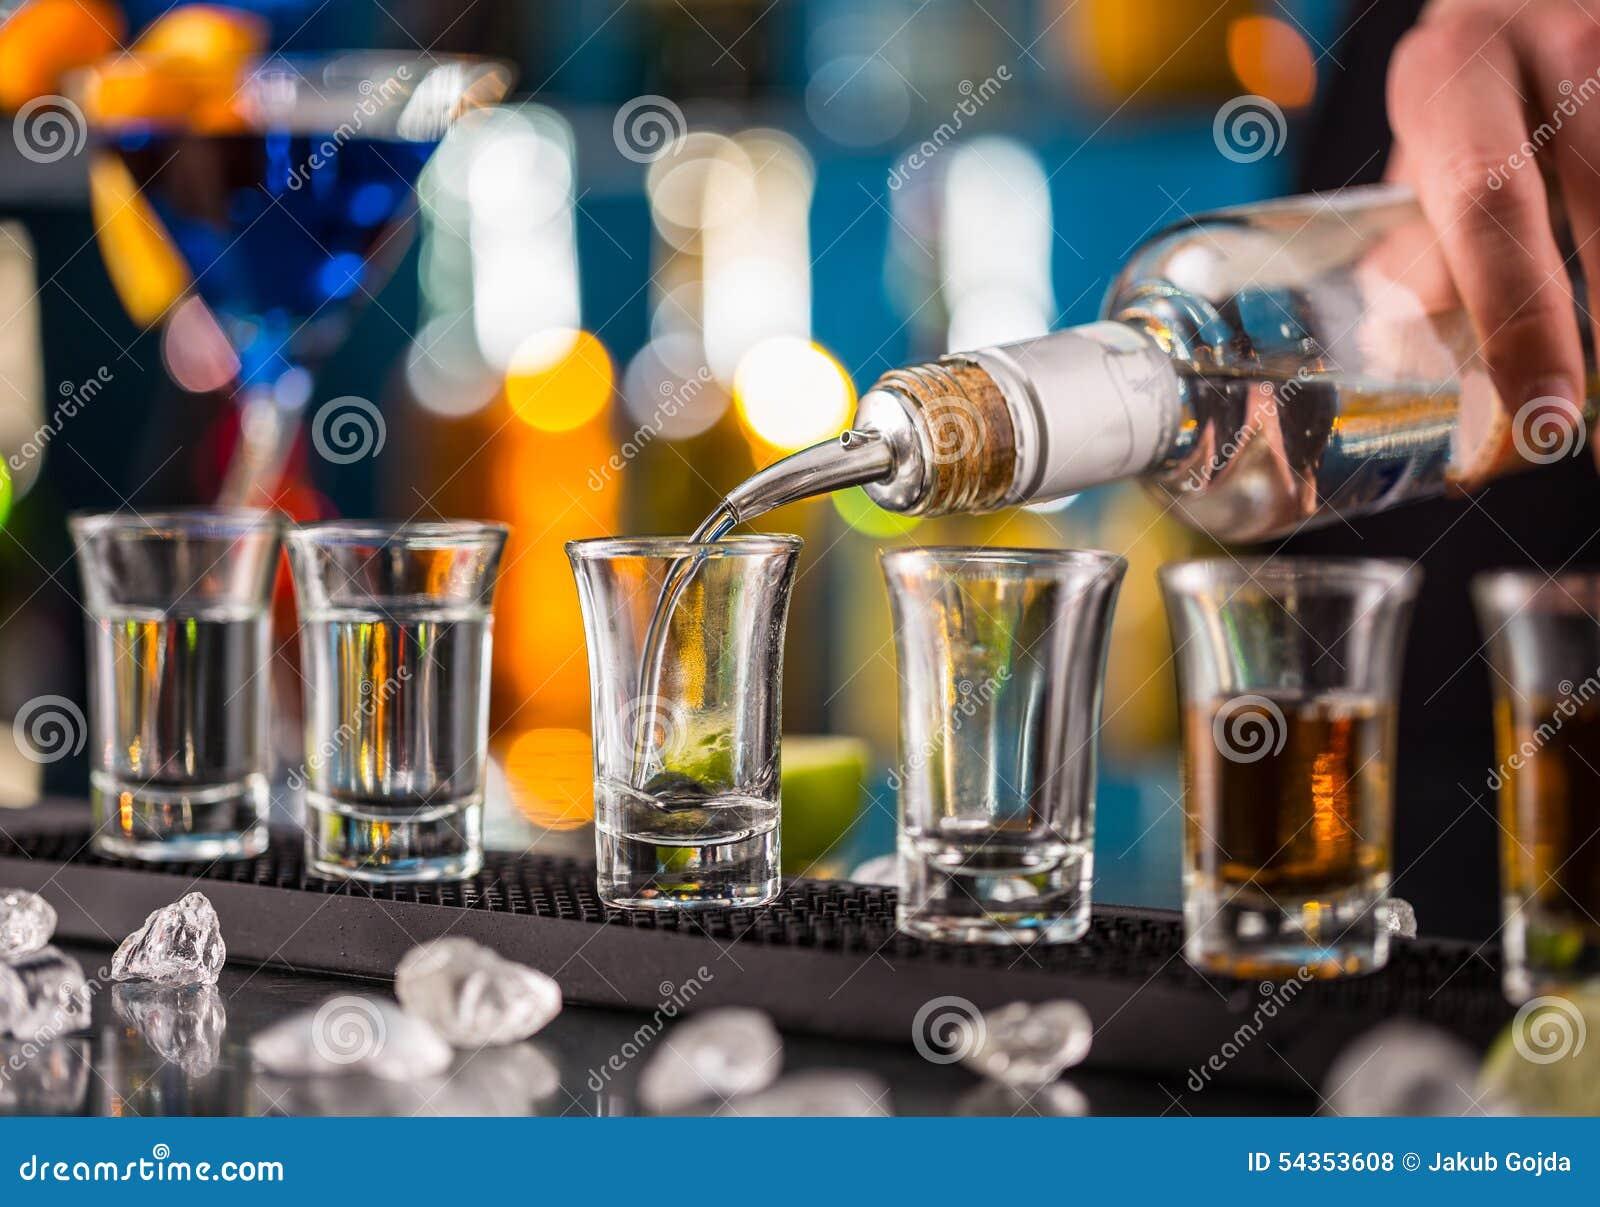 Camarero que vierte alcohol duro en los vidrios